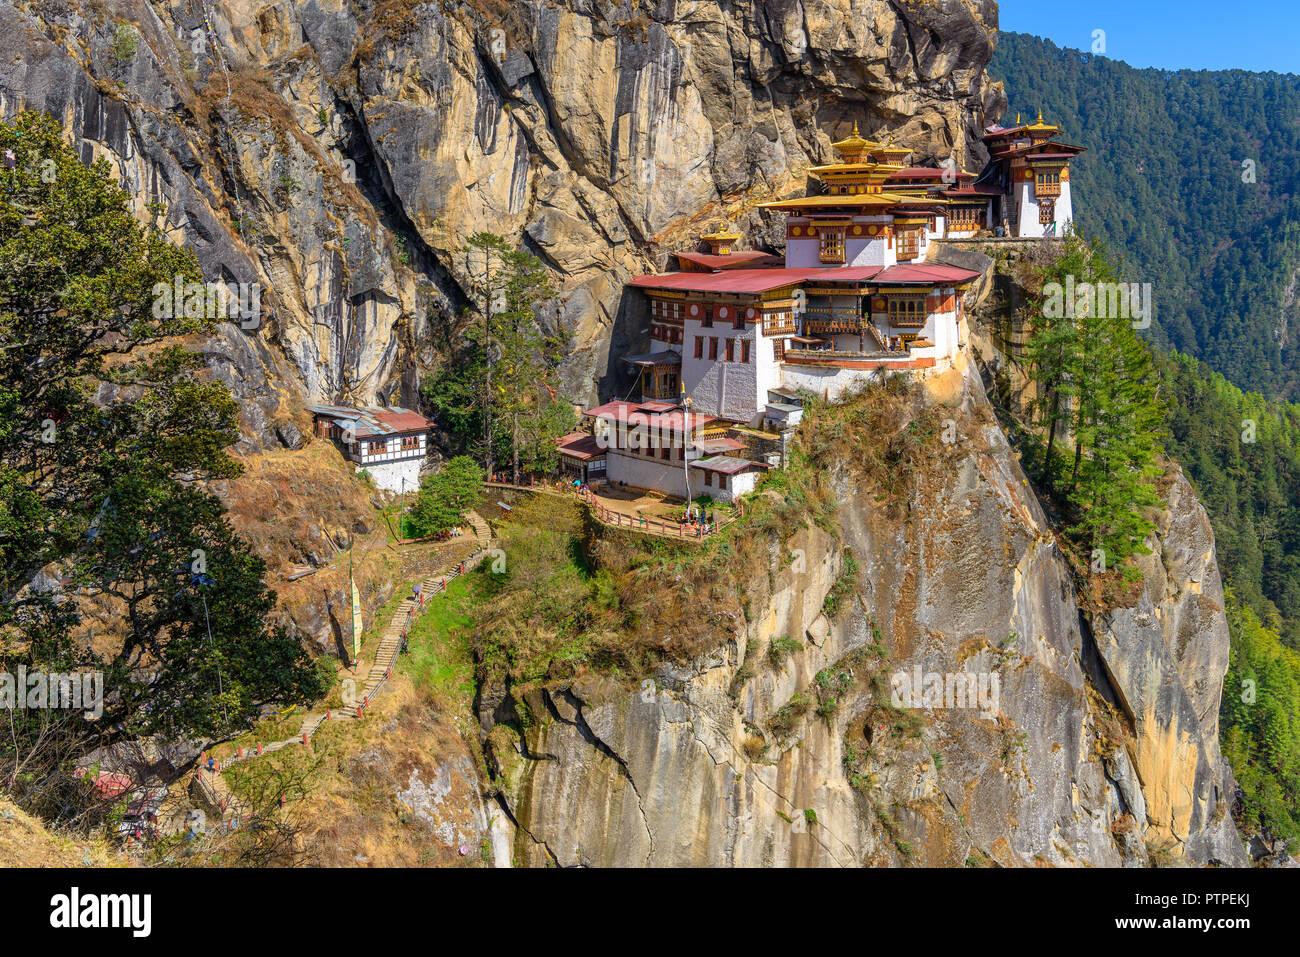 Der Tiger Nest Kloster Taktsang, Paro, hoch oben auf einer Klippe in Paro, Bhutan, schöne Landschaft und den Hintergrund von Bergen und Bäumen Stockfoto